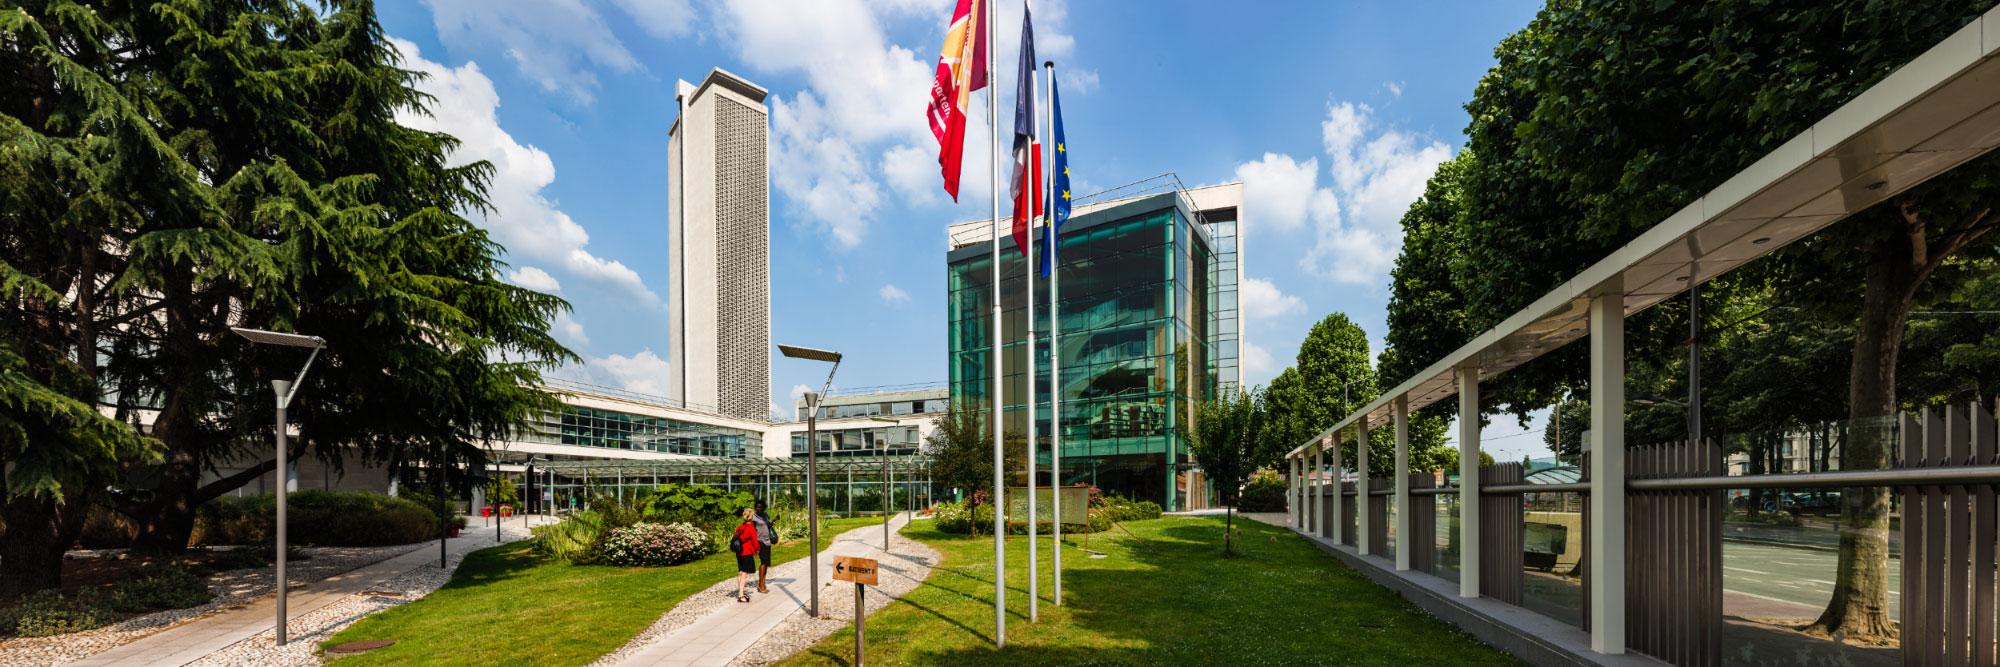 Conseil Général de Seine-Maritime, Rouen